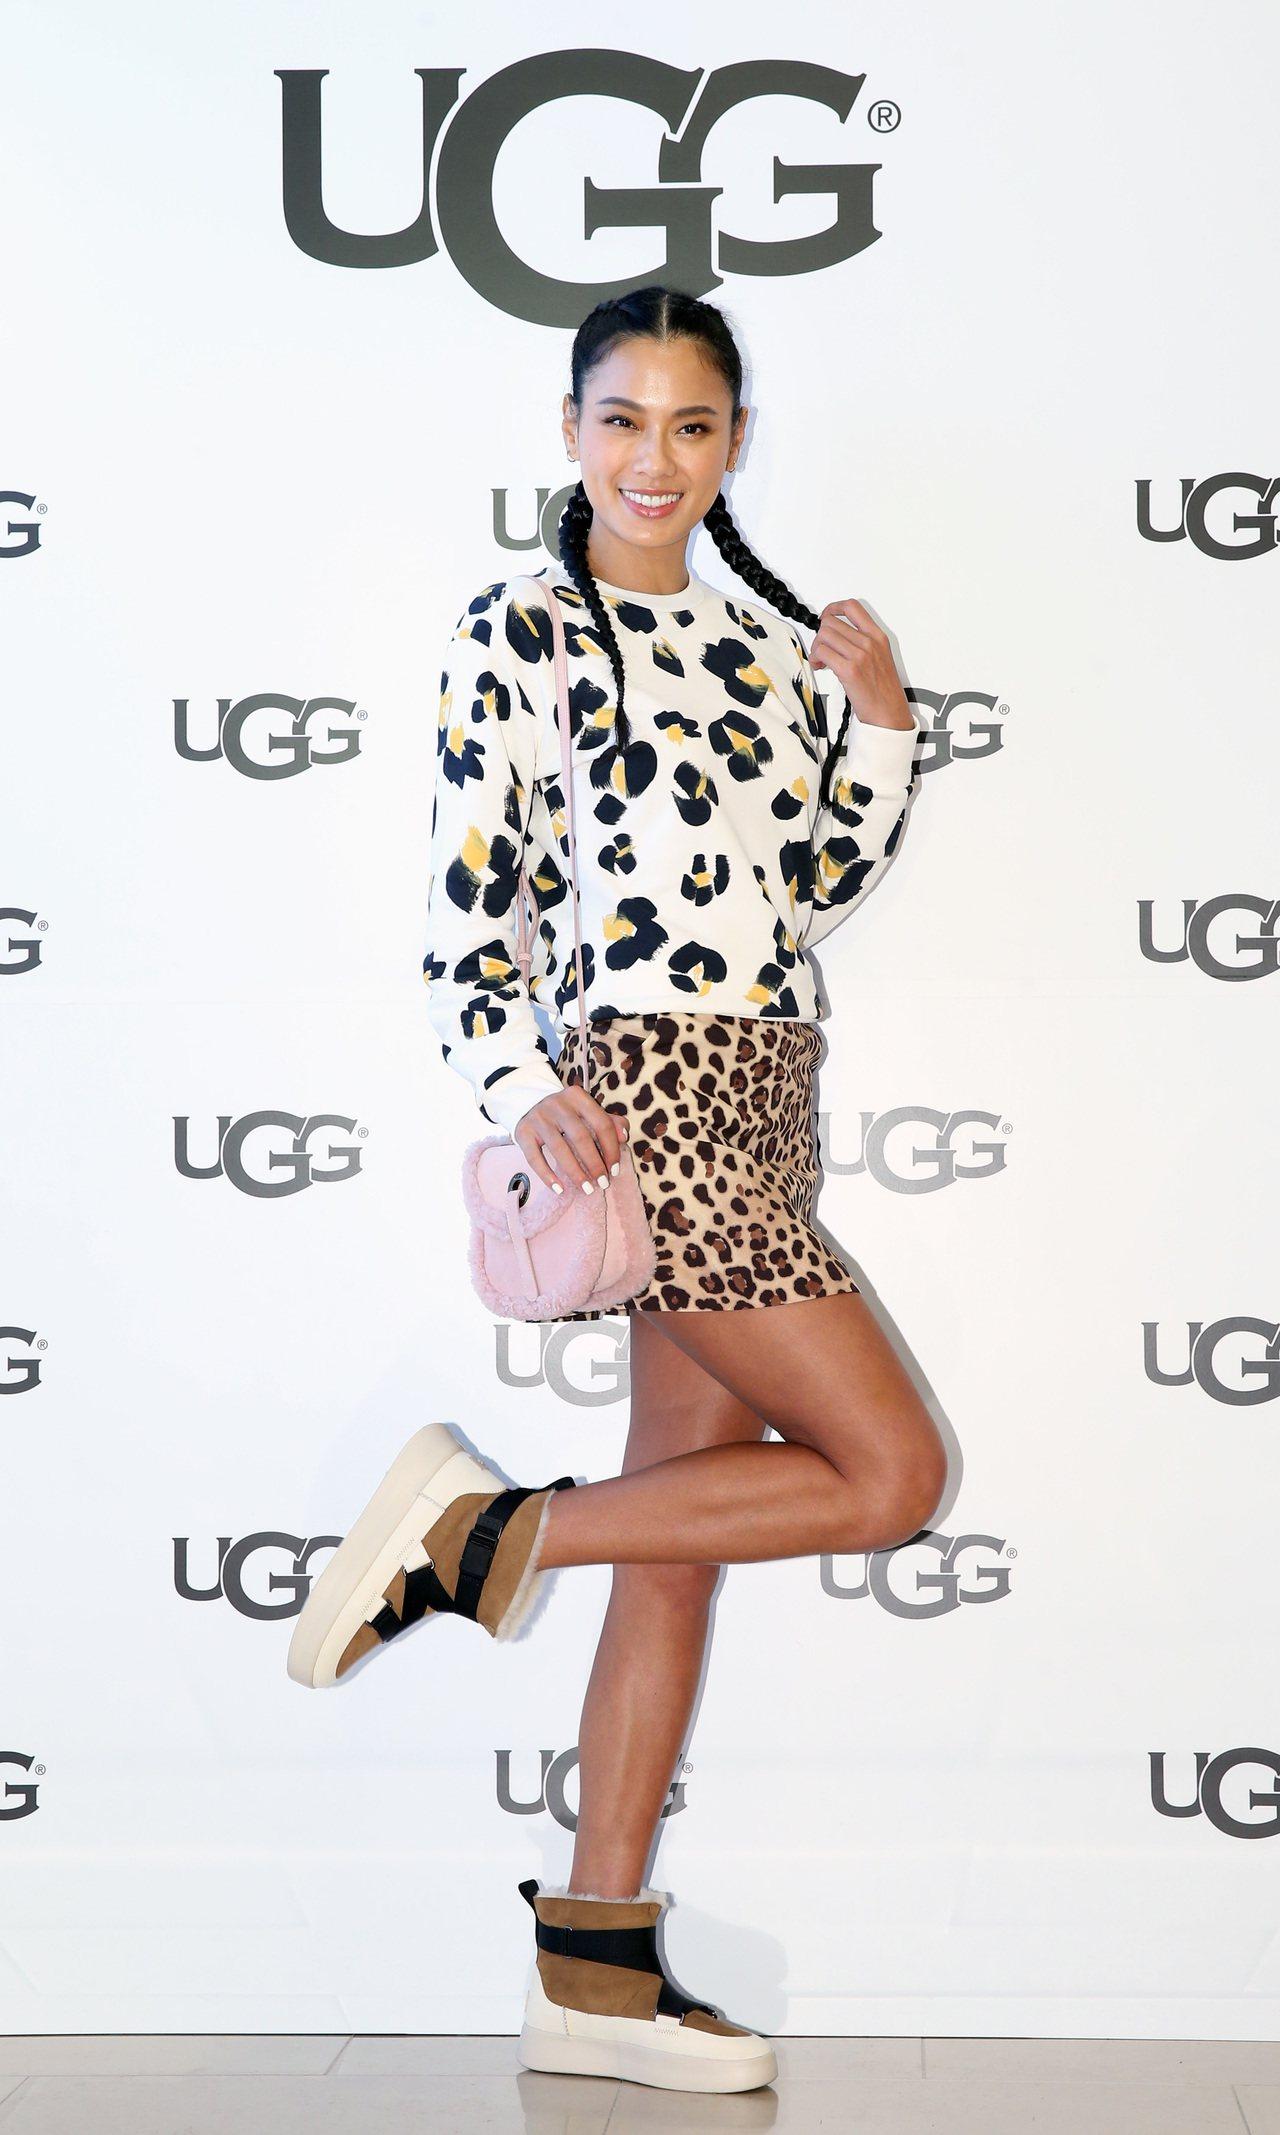 王麗雅穿Paul Smith豹紋衛衣、be Blumarine豹紋短裙,搭配UG...